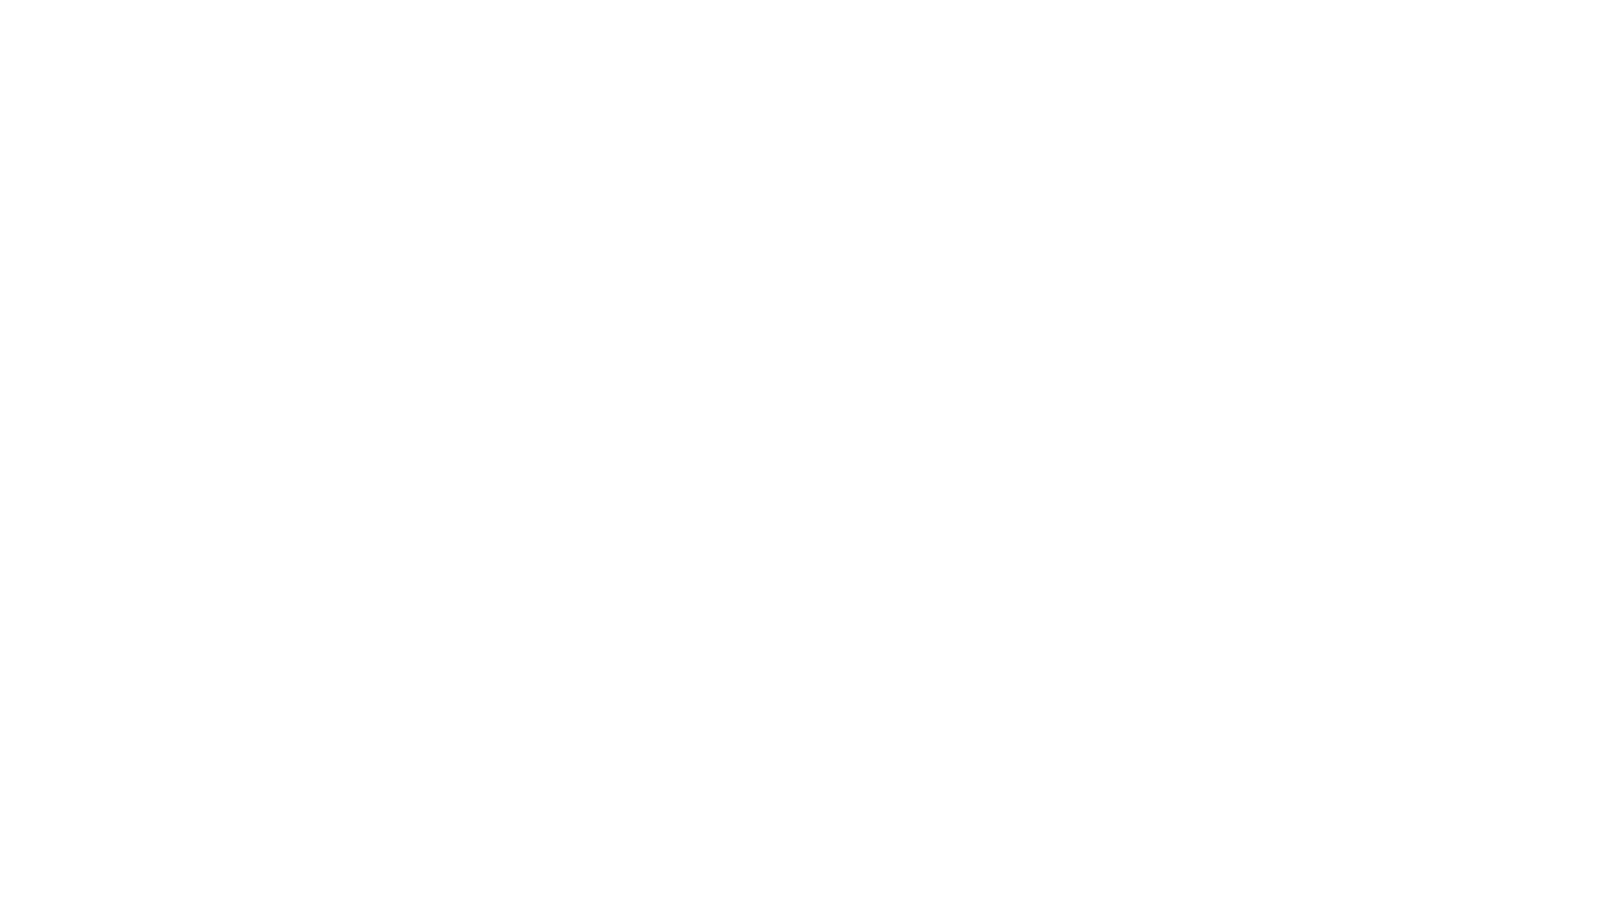 https://www.lericettedellacontea.it/ricetta-torta-di-pere-e-banane/  Una ricetta un po' datata ma sempre utile quando si ha a disposizione della frutta fresca e si ha voglia di un dolce. Come frutta ho utilizzato pere e banane, ricoperte in cottura da una fluida pastella. A completare la torta, prima di servirla, l'ho guarnita con una confettura di albicocche. Un dolce classico ma...Buono.  Torta di pere e banane